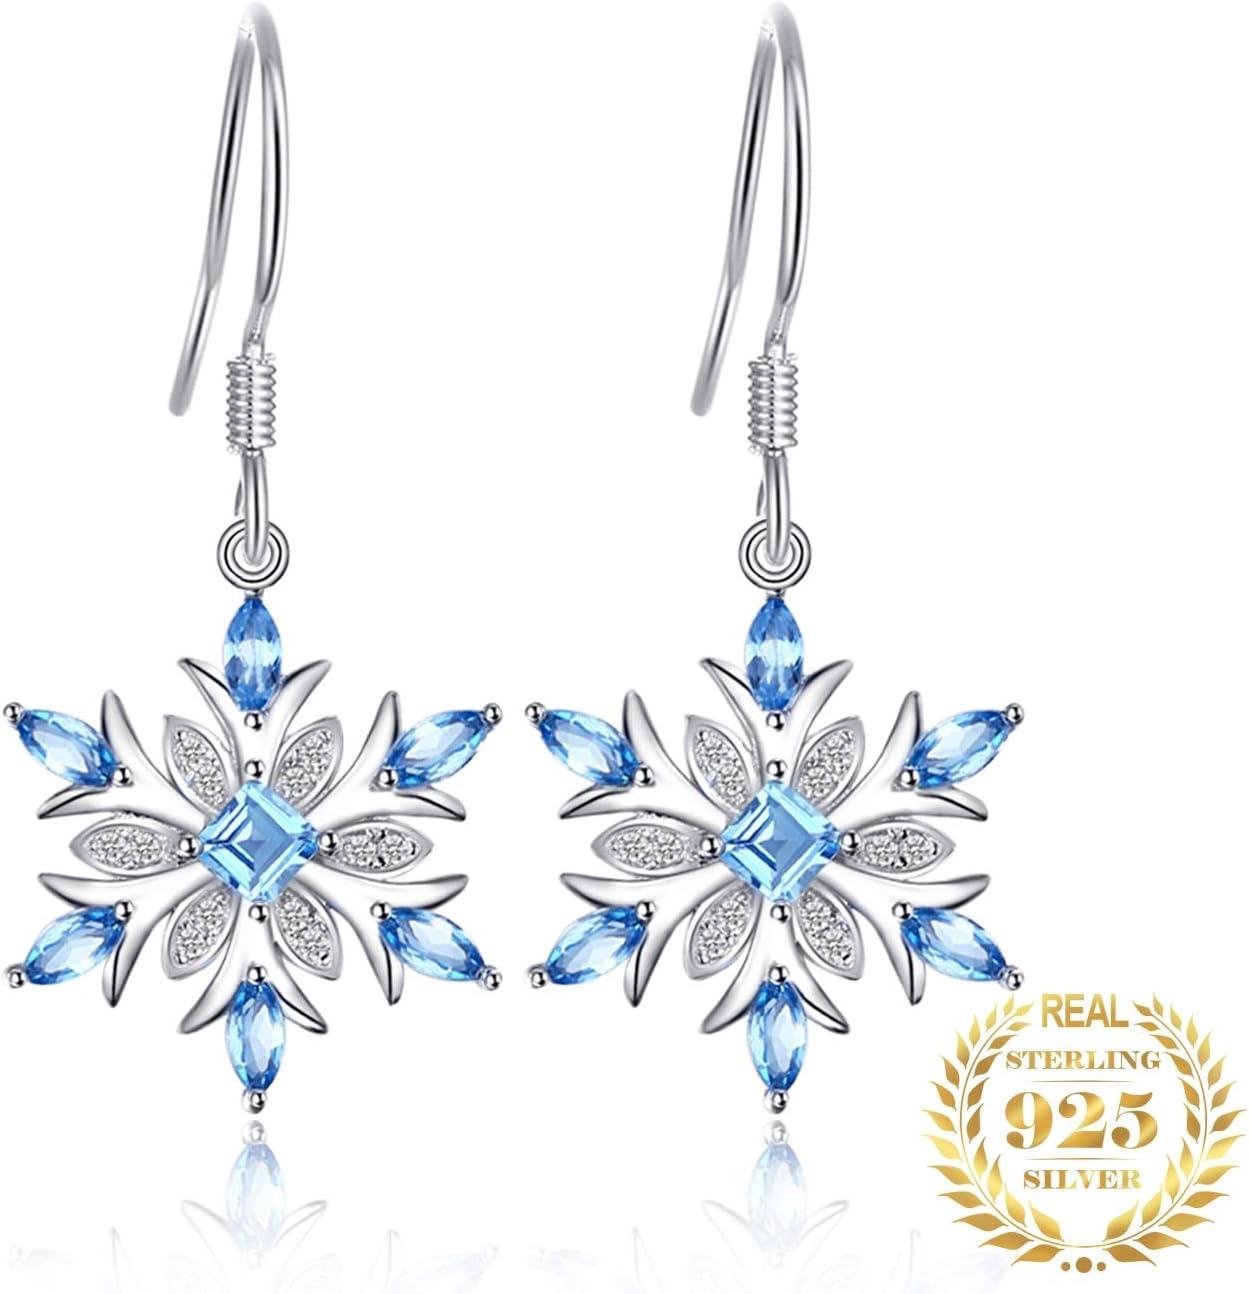 AdronQ Pendientes de Gota de topacio Azul Genuino de Copo de Nieve Pendientes de Plata 925 para Mujeres Pendientes de Piedras Preciosas Joyería de Moda